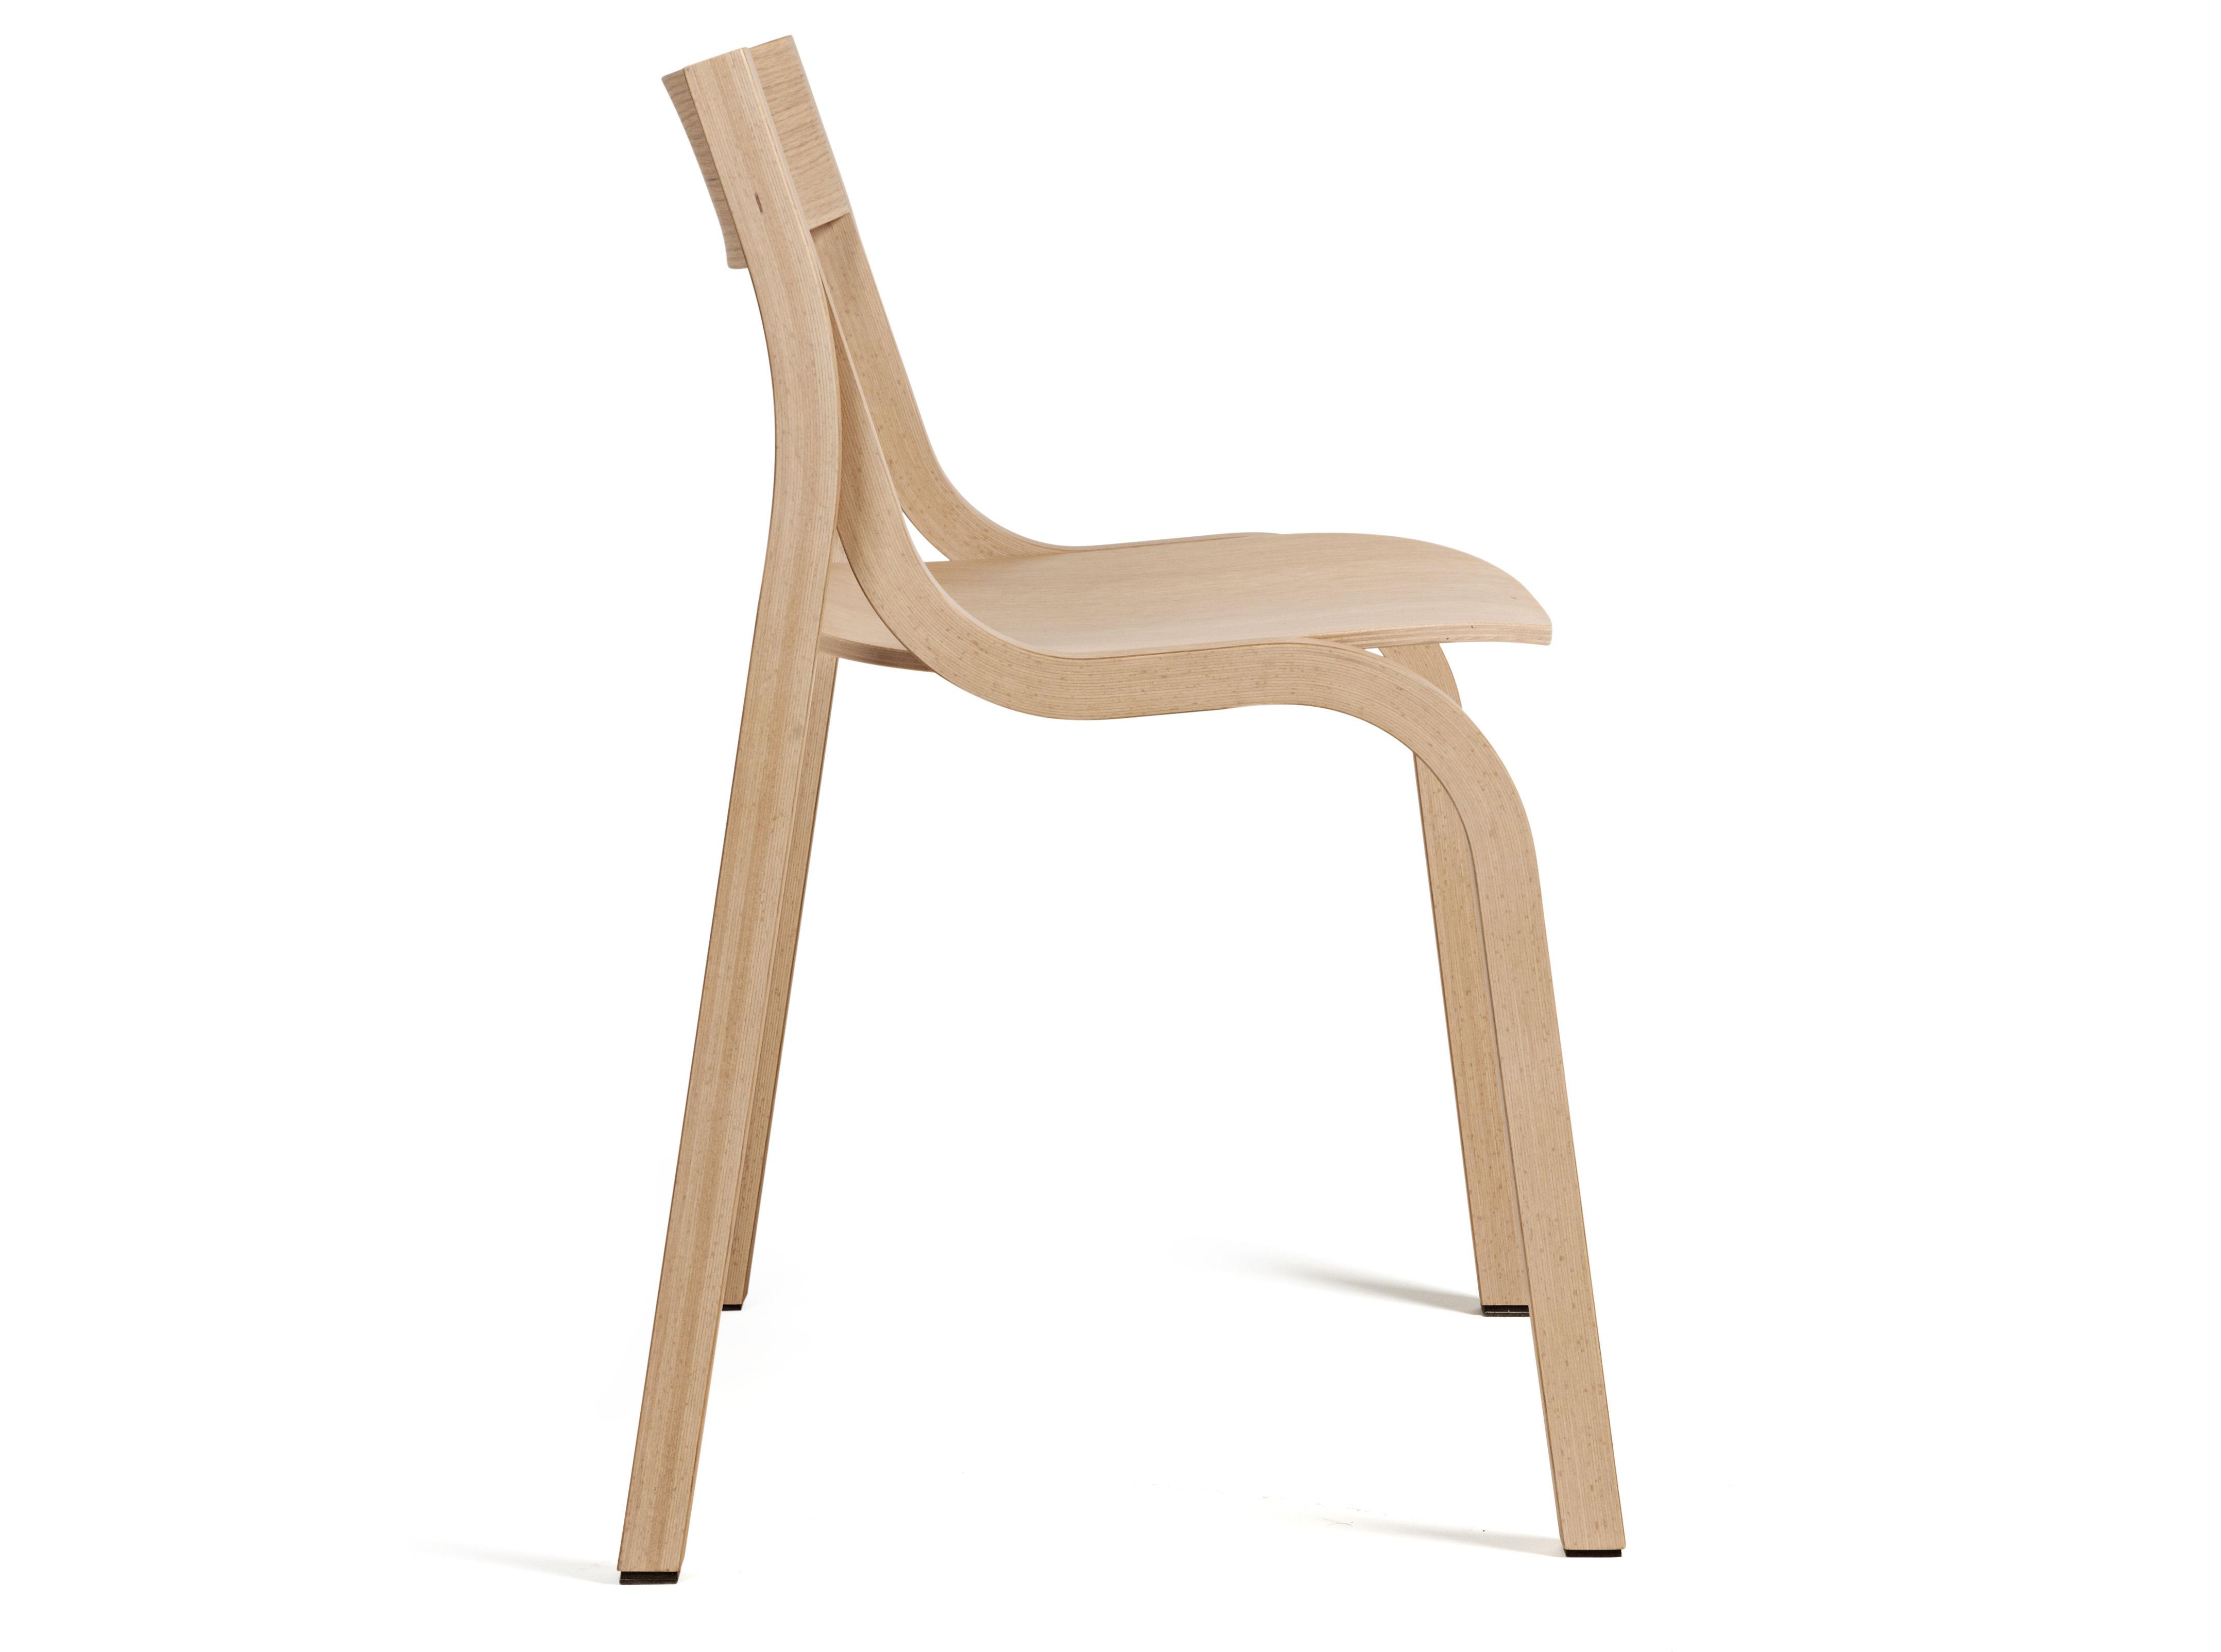 Legno Naturale Sbiancato : Scopri sedia konrad versione in legno naturale rovere sbiancato